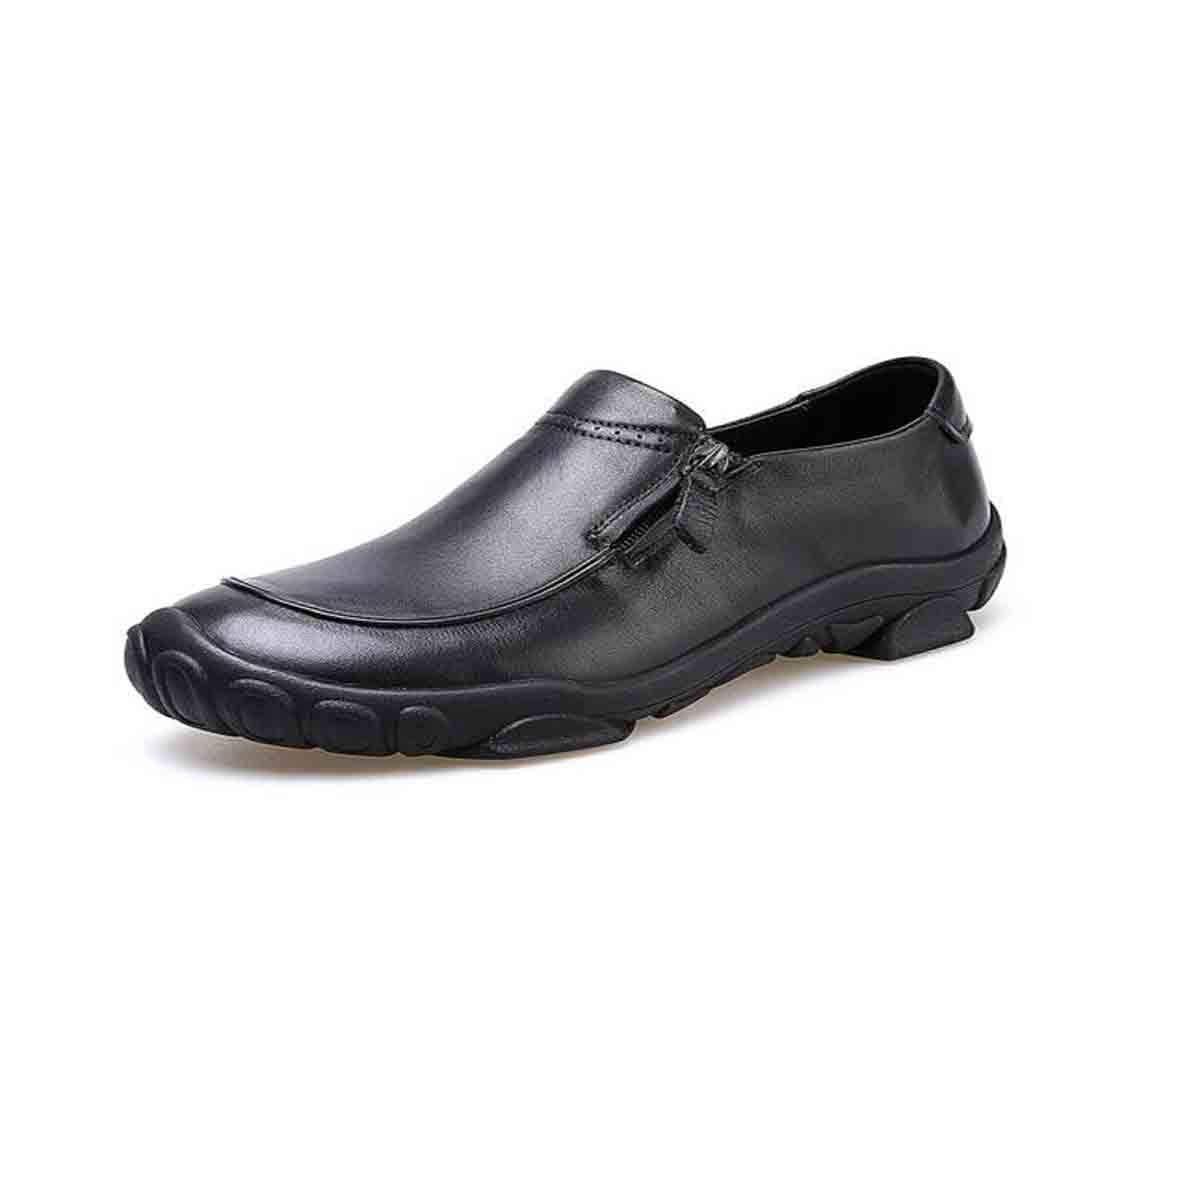 noir 38 yards GUYUEXUAN Chaussures de Sport, Tendance de la Mode coréenne, Chaussures for Hommes polyvalentes, Personnalité de la Fermeture éclair, Ensemble de Chaussures de Sport, Noir